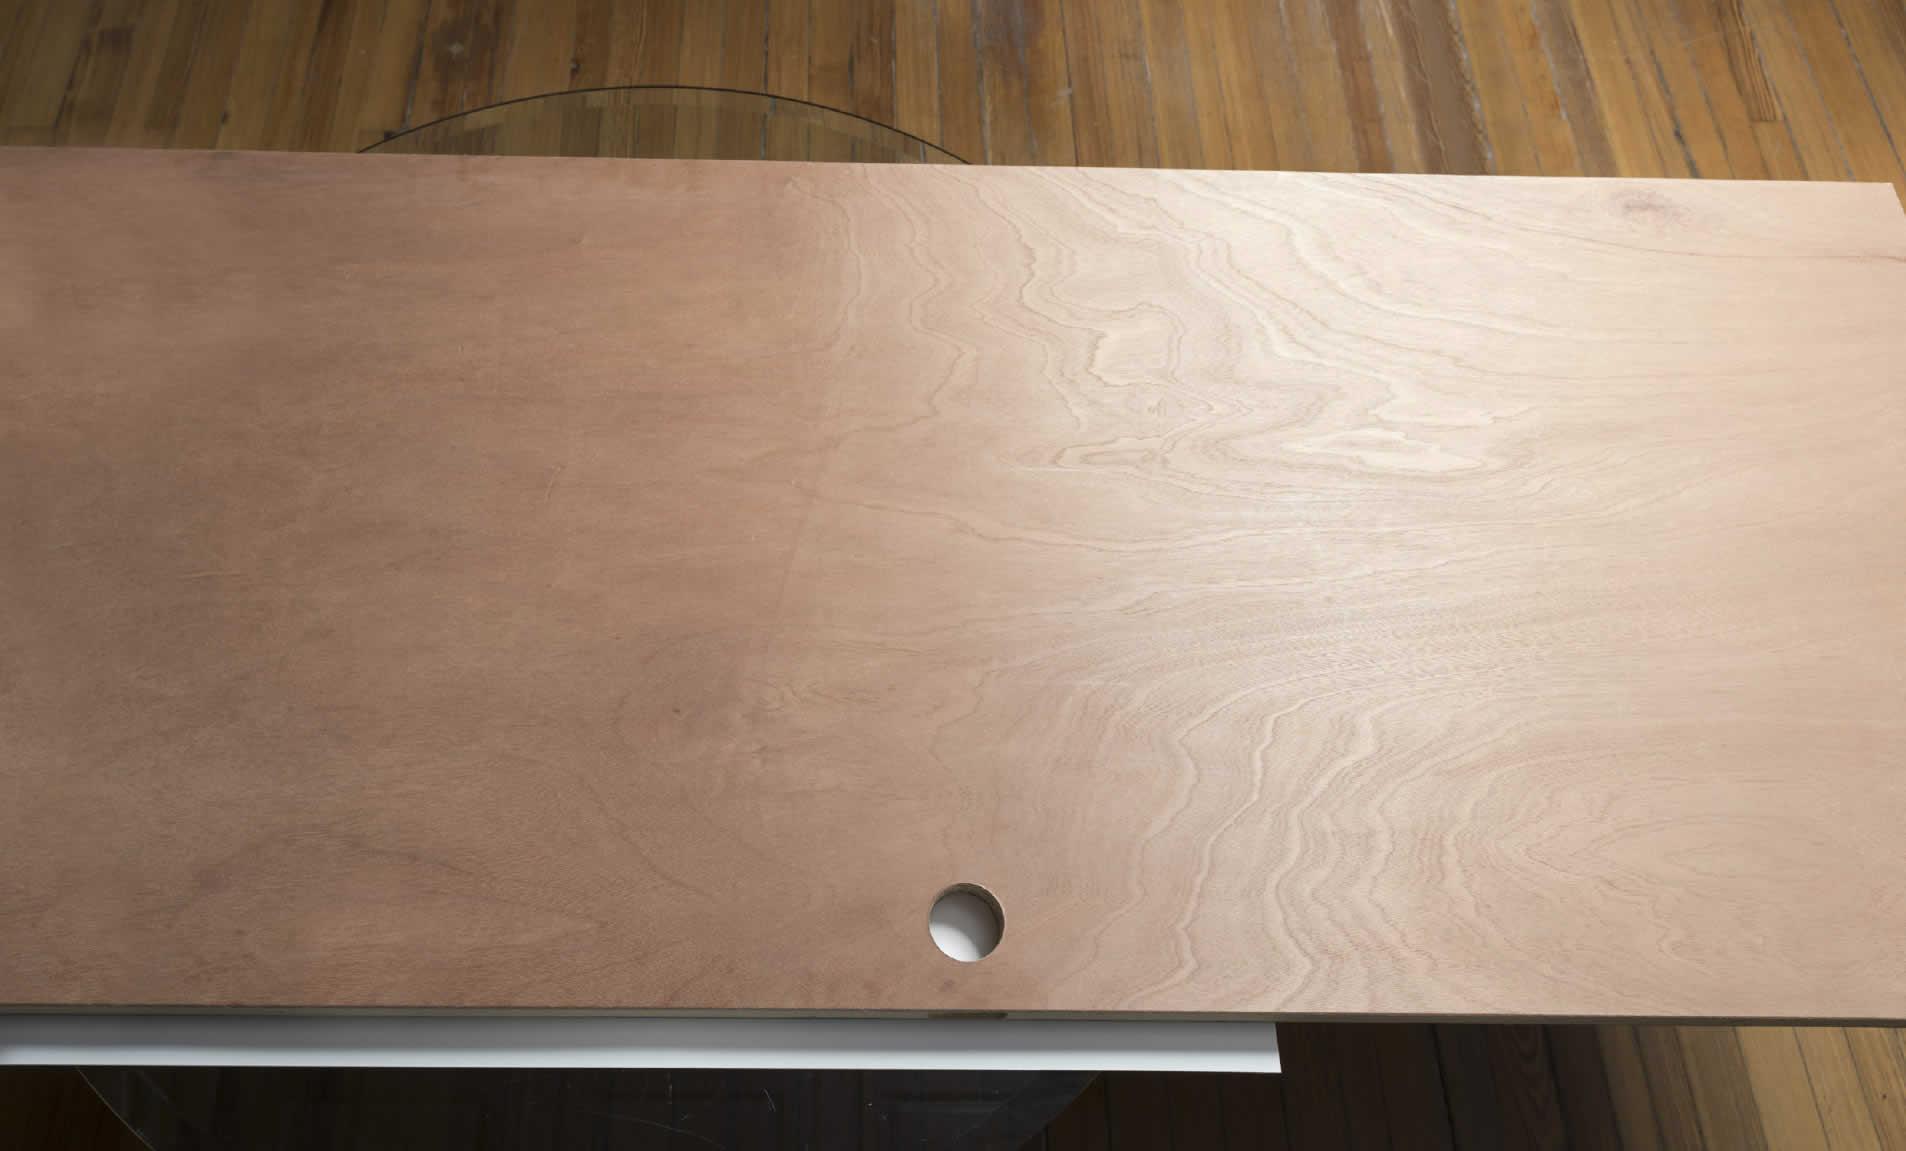 rivet-door-arrow-project-step1.jpg